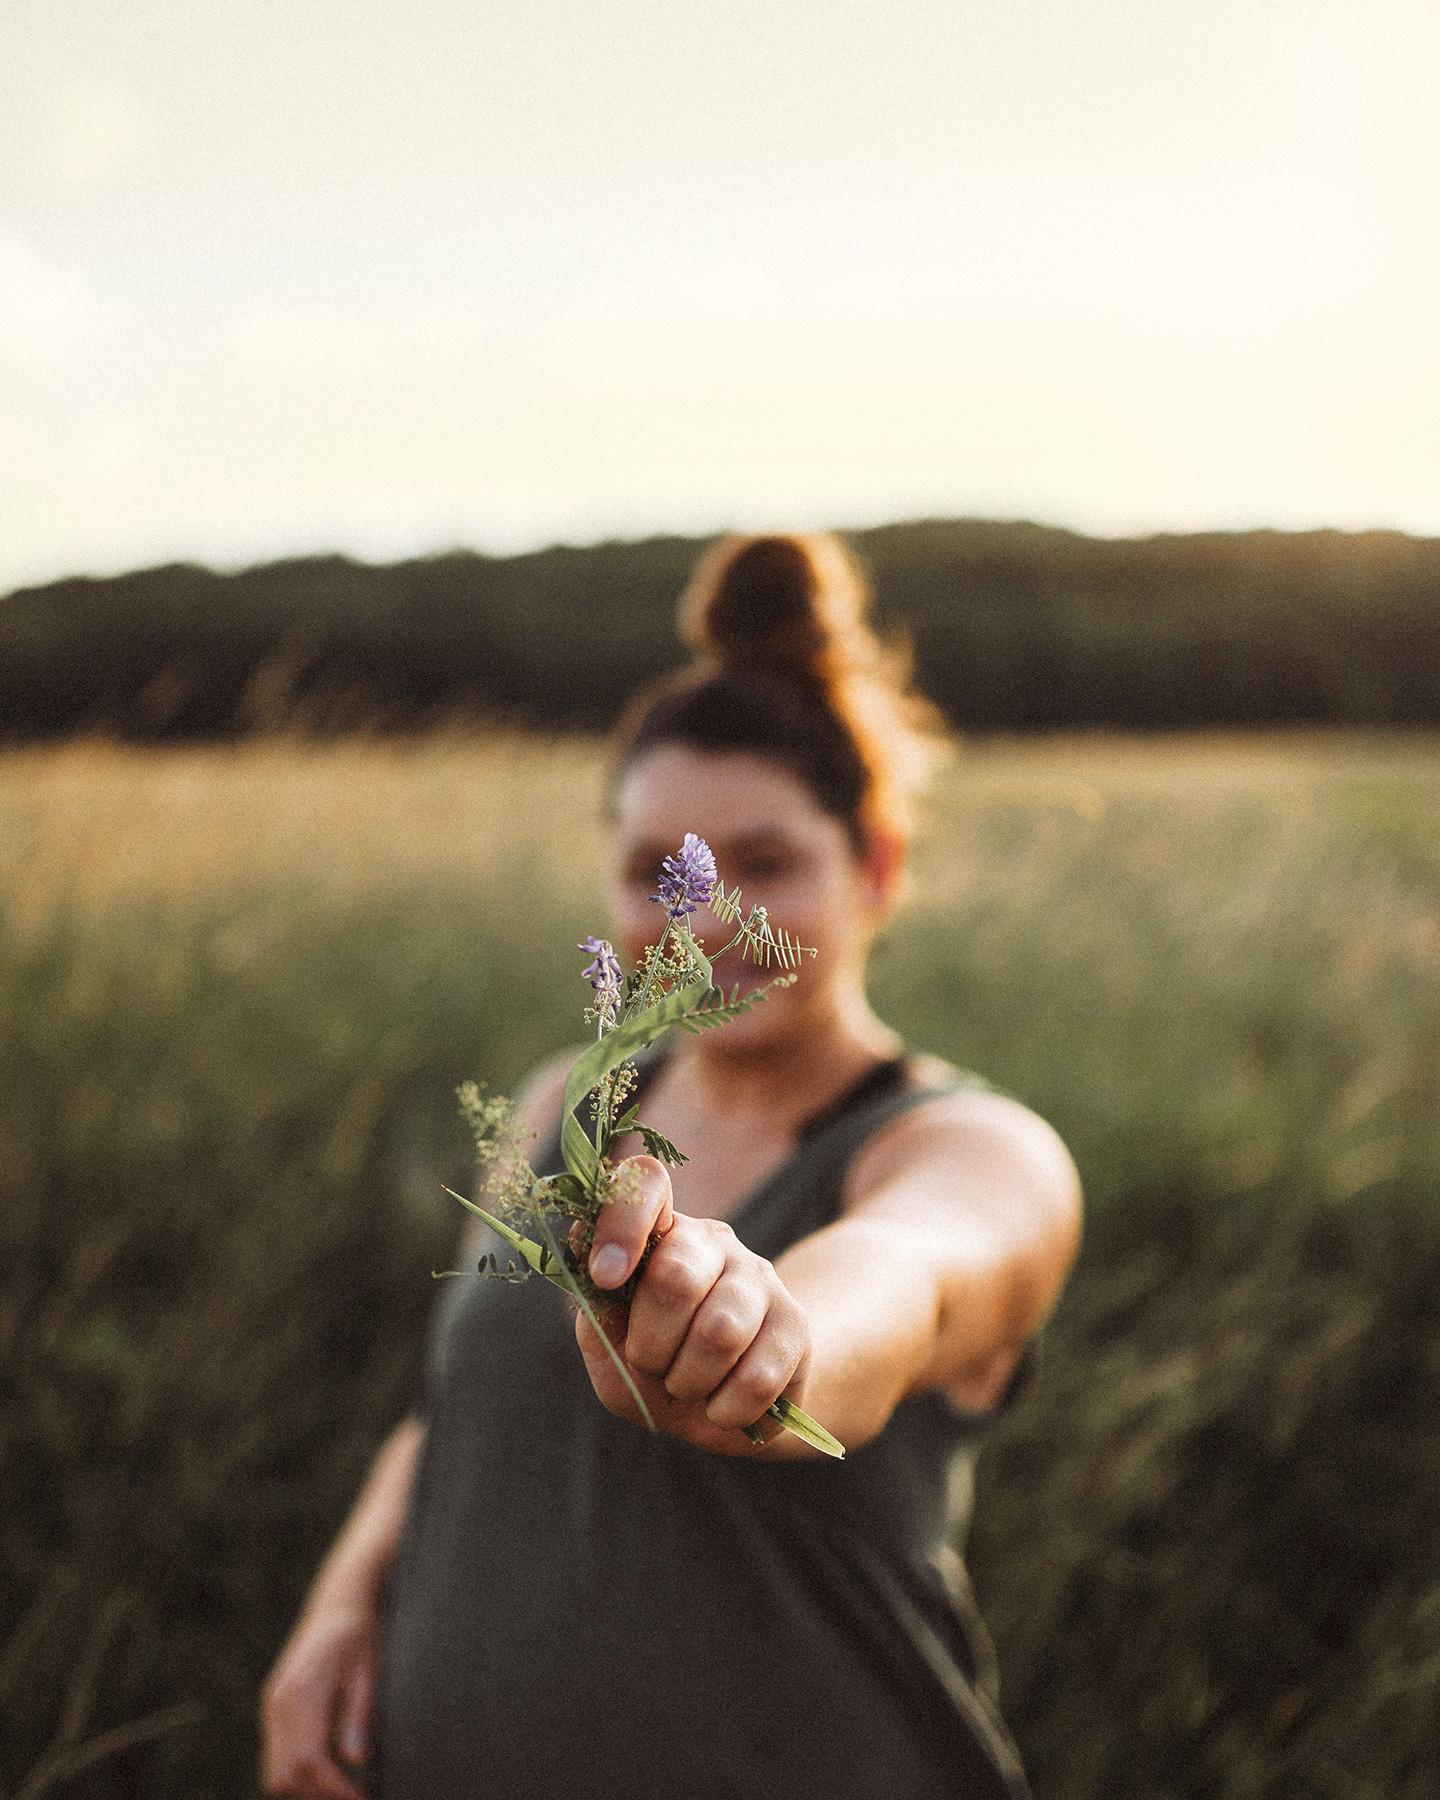 girl-in-flower-field.jpg